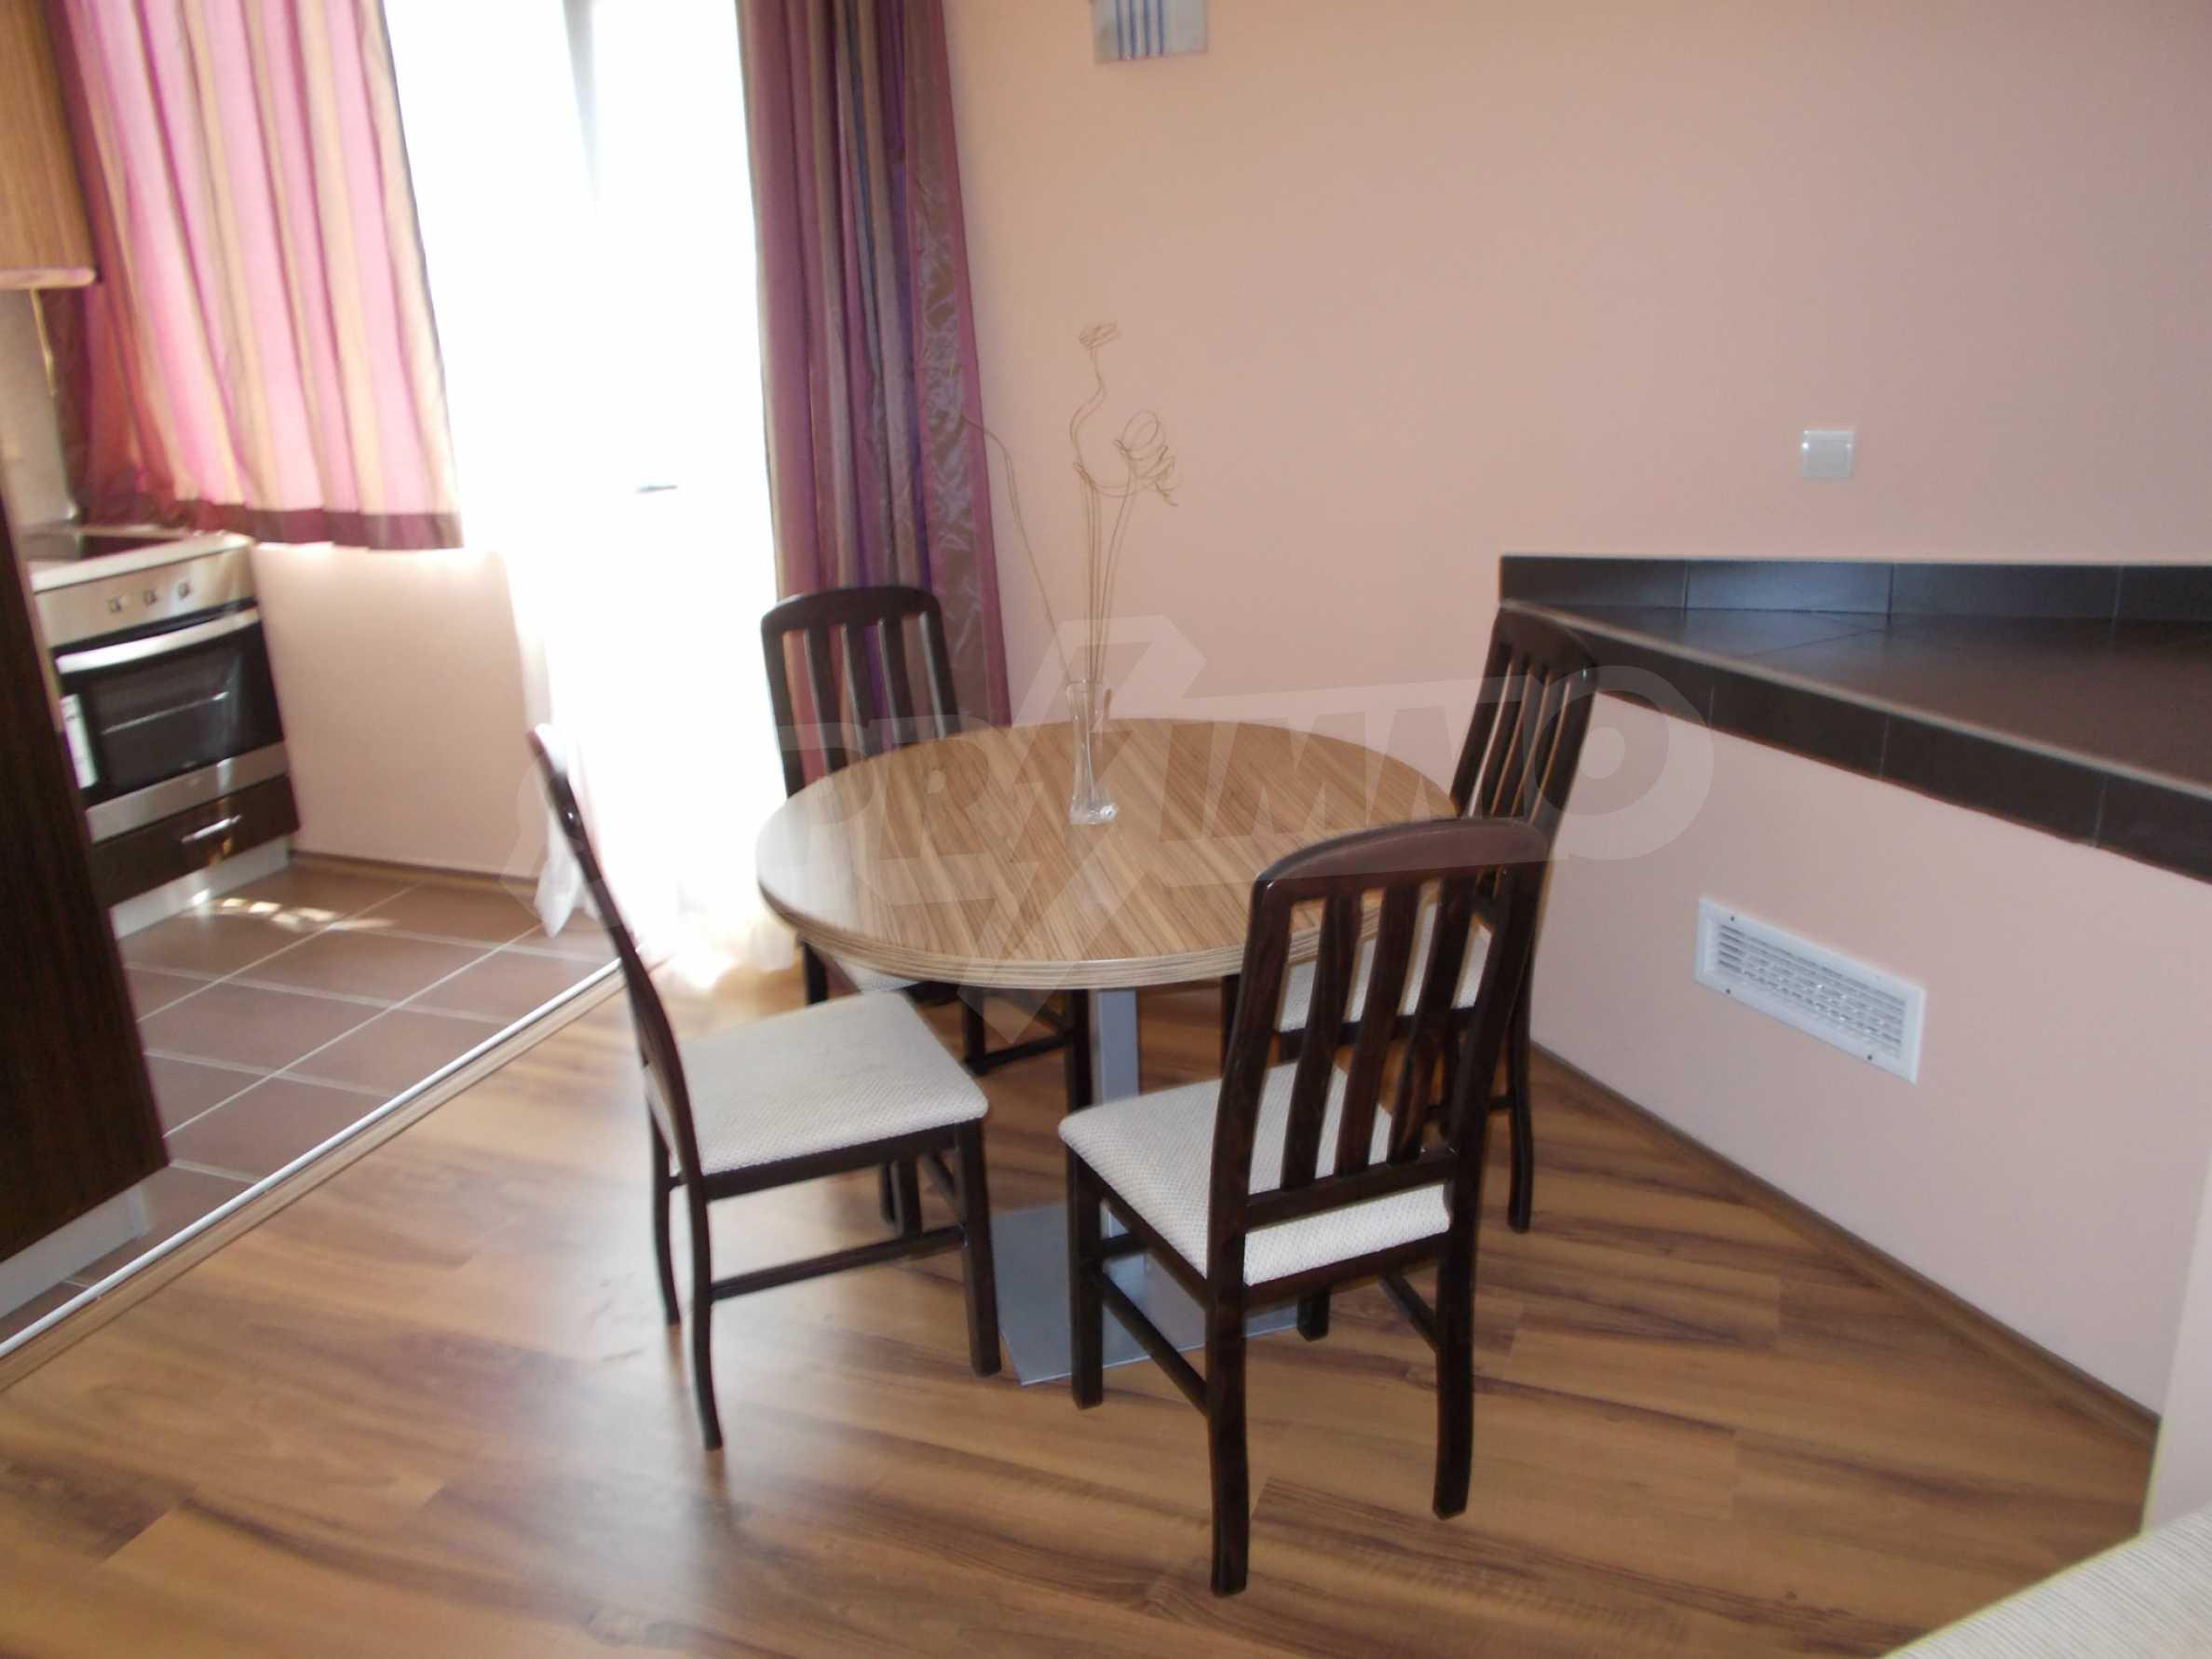 Ein-Zimmer-Wohnung im VRIS-Komplex in Tsarevo 4